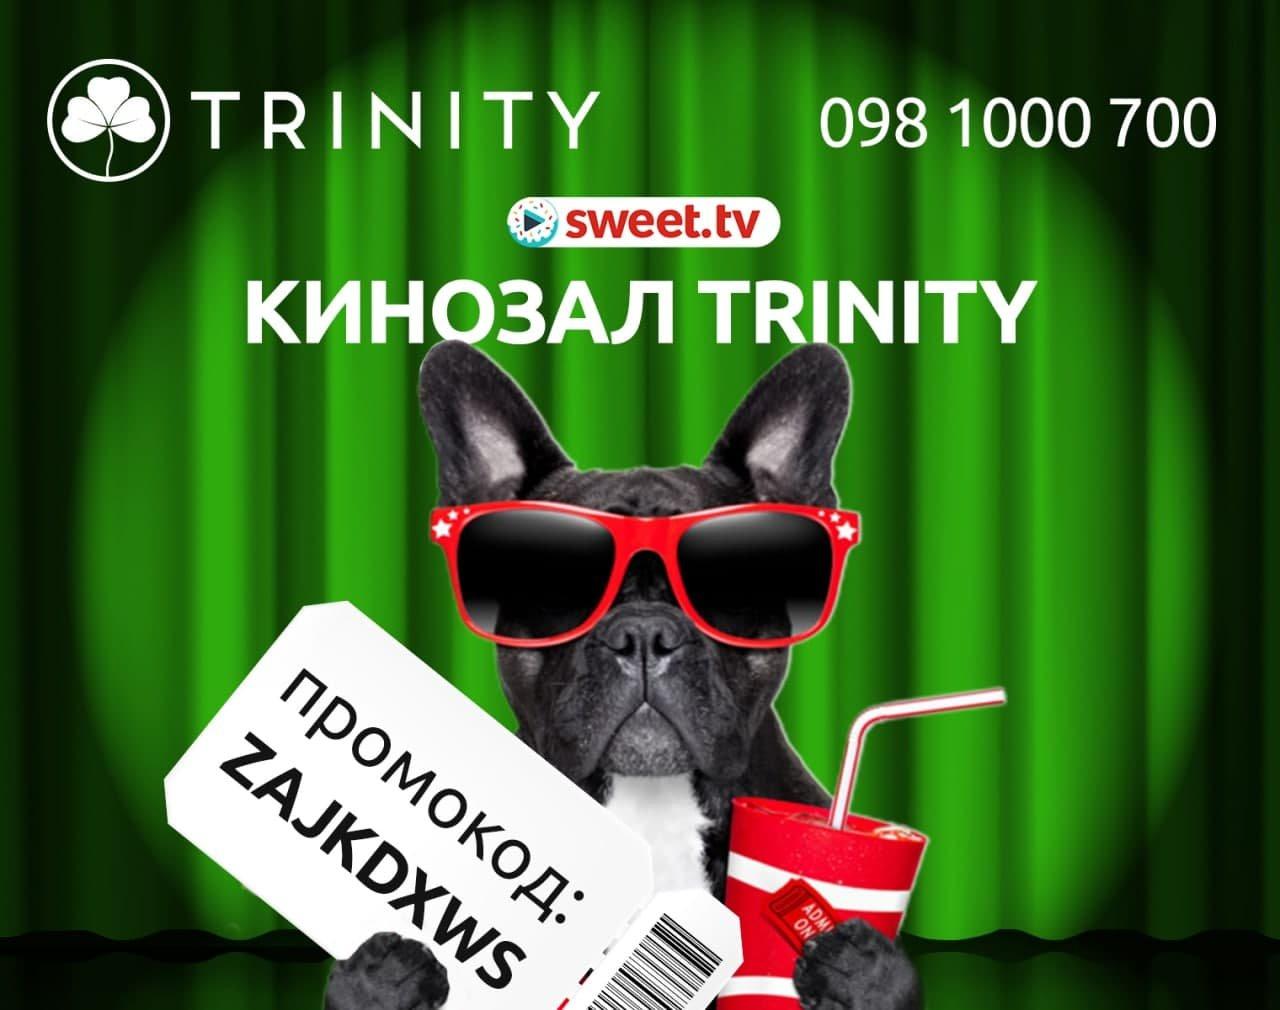 Подарок от TRINITY  - бесплатные премьеры на выходные, фото-5